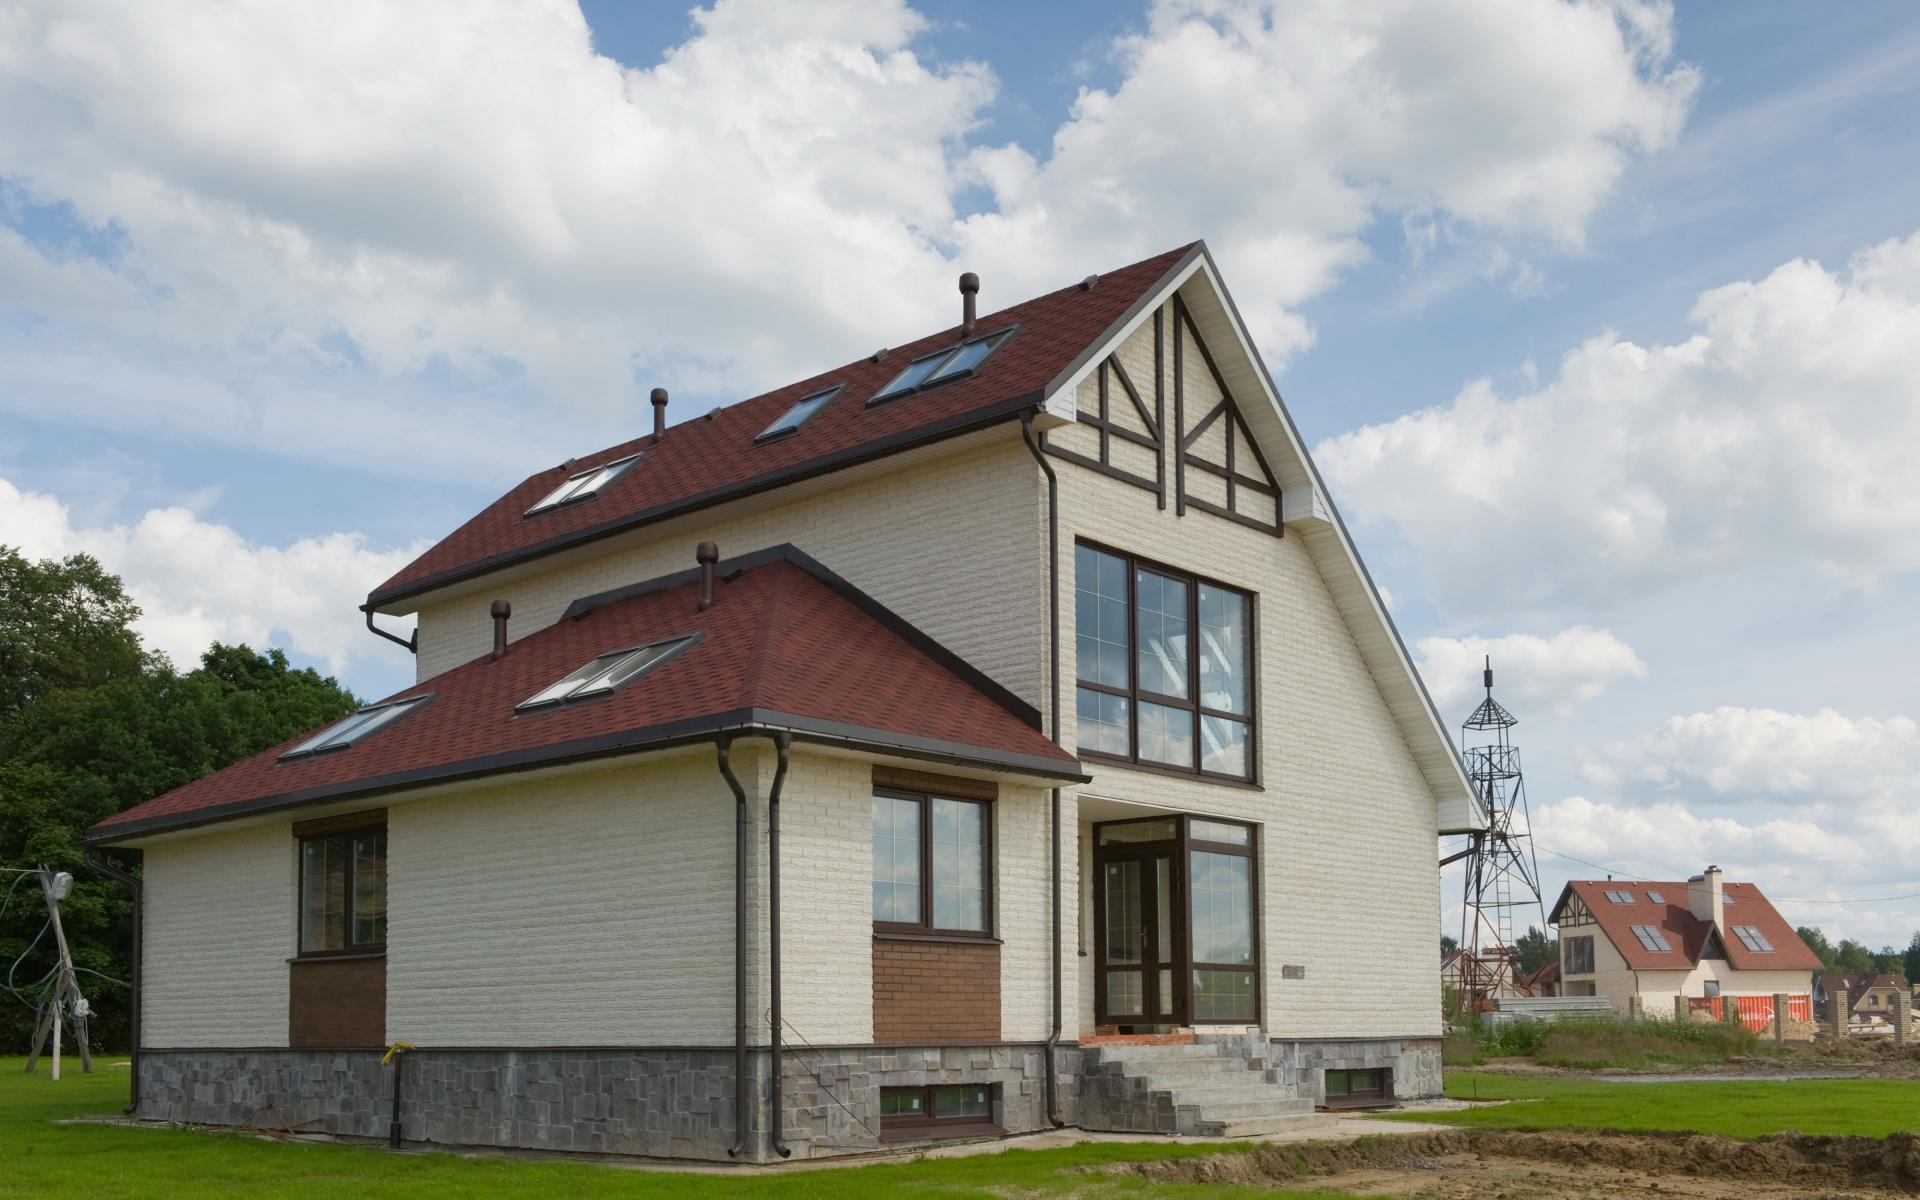 Средняя ставка на аренду загородного дома в России составляет 32,4 тыс. руб.